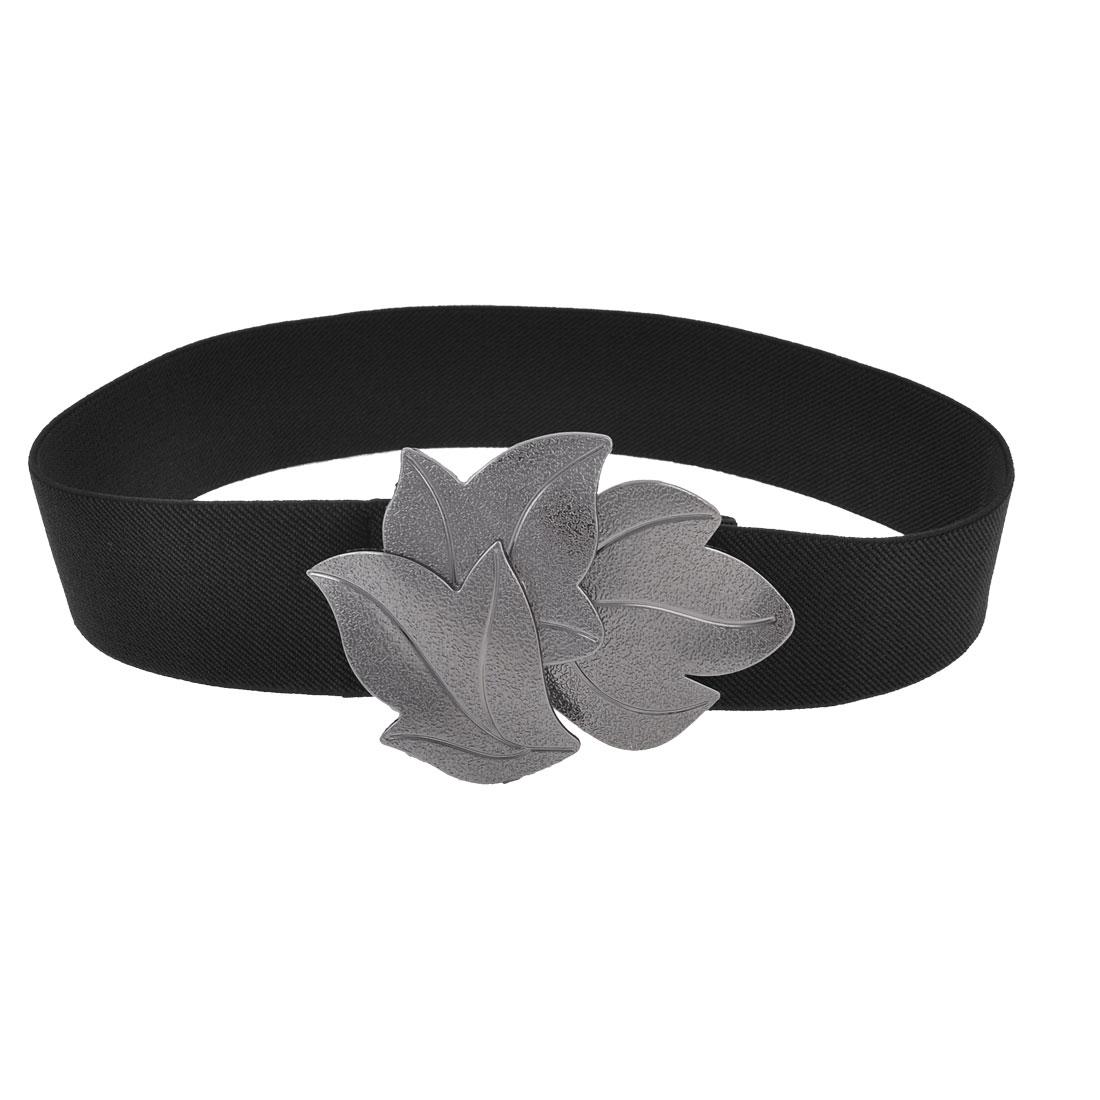 Black Band Metal Maple Leavies Shape Buckle Cinch Belt for Ladies